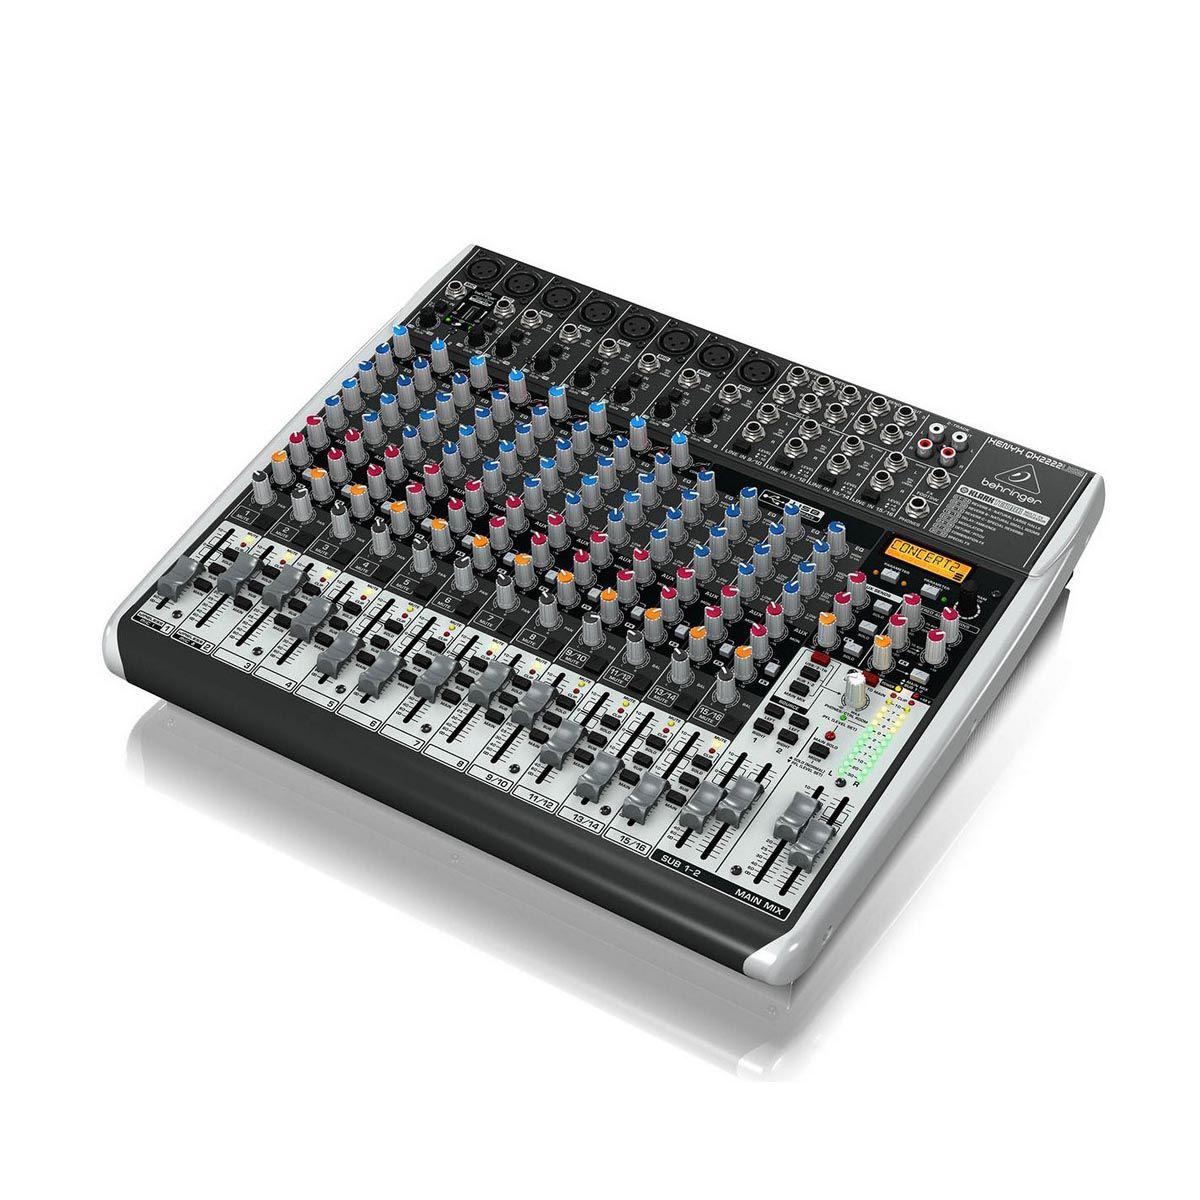 Mesa de Som Behringer Xenyx QX2222 USB 16 Canais